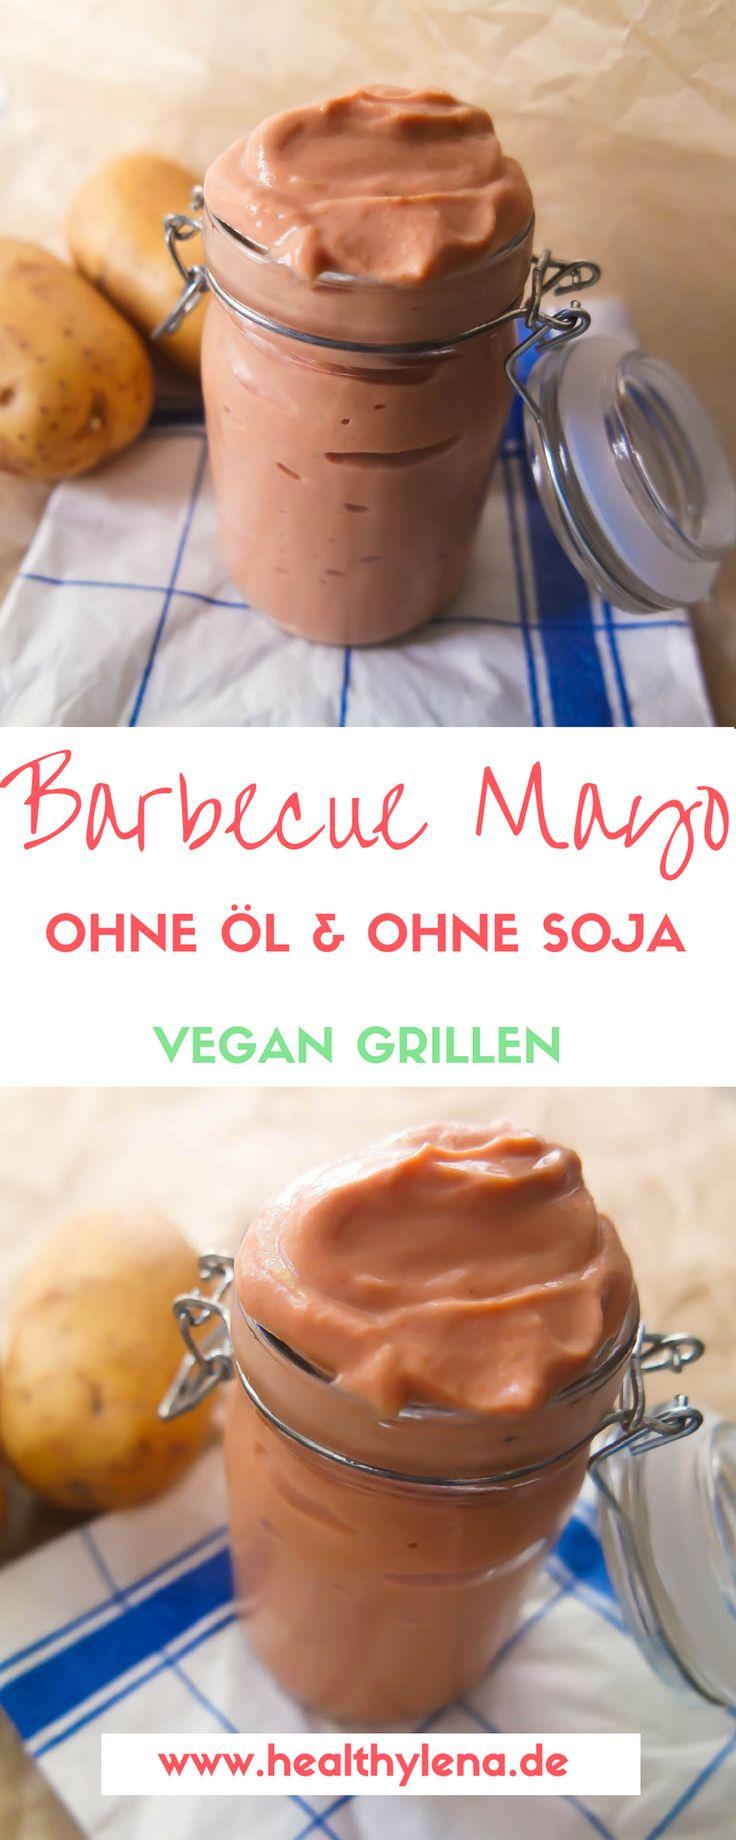 """Das gute Wetter bringt dich so richtig in Grill-Laune? Perfekt! Heute habe ich dir ein Rezept für eine vegane Barbecue Mayonnaise mitgebracht, die ganz ohne Soja oder Öl auskommt. Dieses Rezept macht den Anfang der Reihe """"Vegan Grillen"""". Für die nächsten Wochen zeige ich dir nämlich weitere schmackhafte Rezepte zum Grillen ganz ohne Tier. Viel Spaß beim Grillen!"""